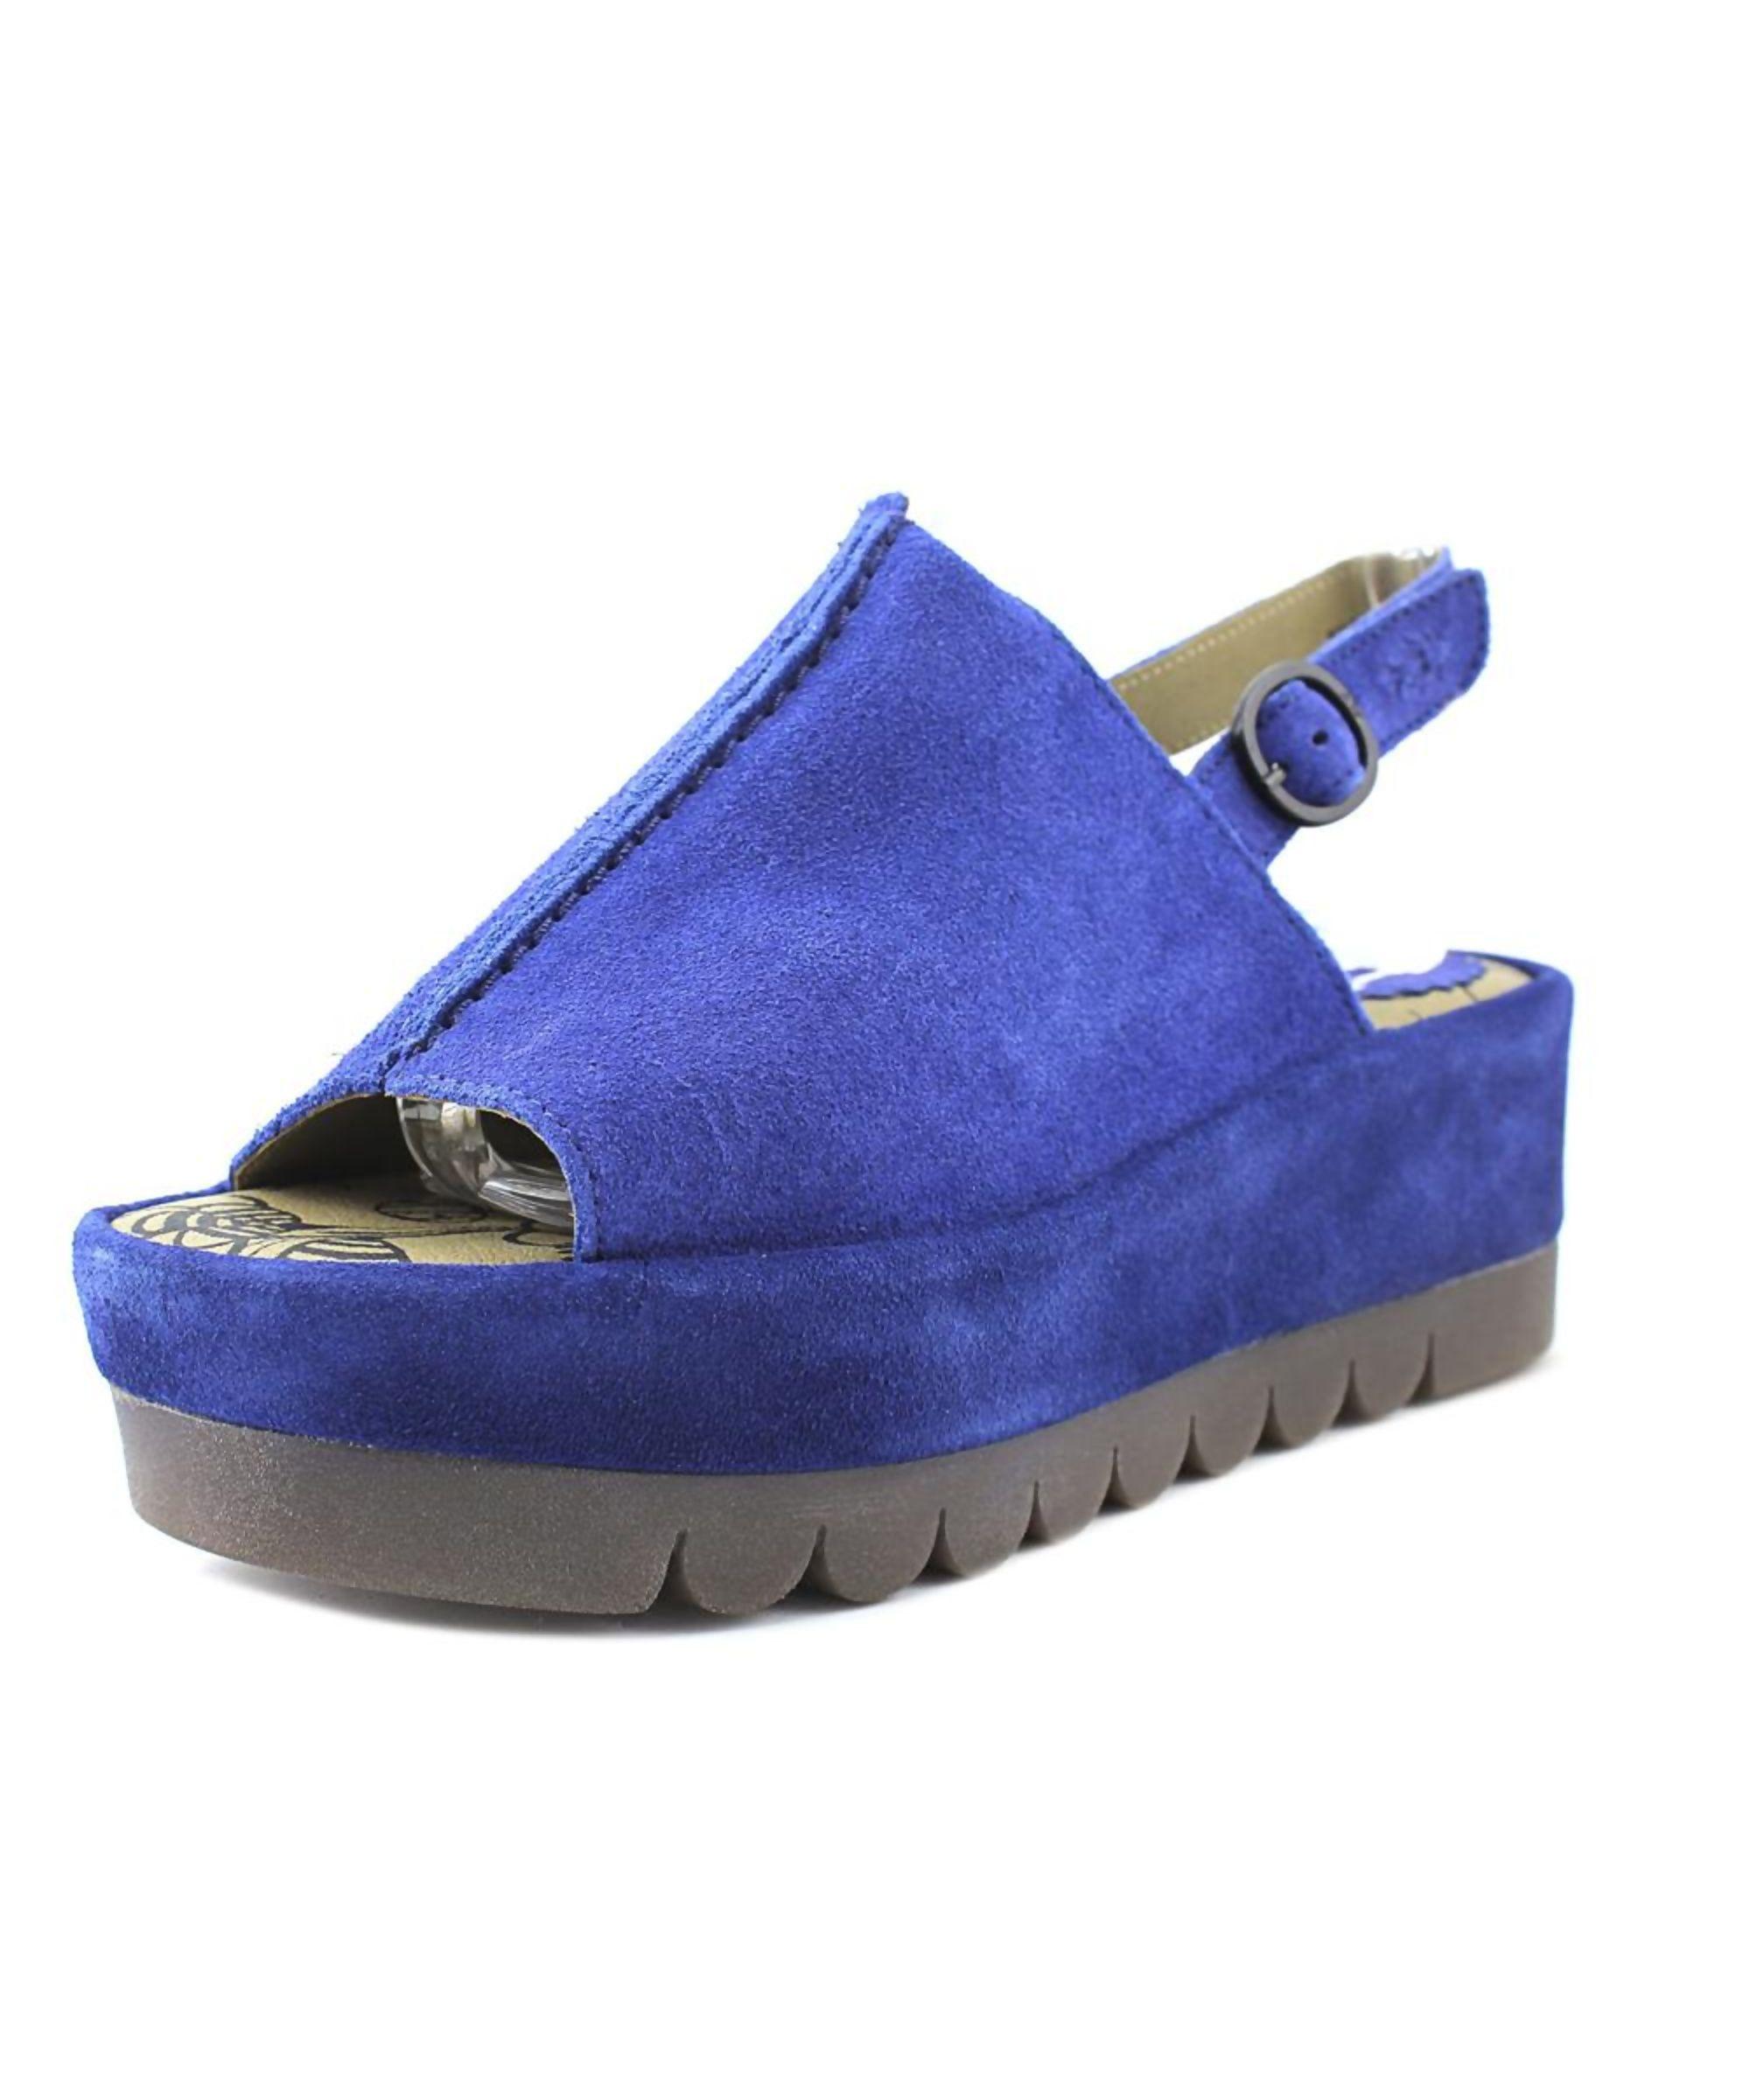 8485c87735 FLY LONDON   Fly London Bora Women Open Toe Suede Blue Platform Sandal # Shoes #Pumps & High Heels #FLY LONDON